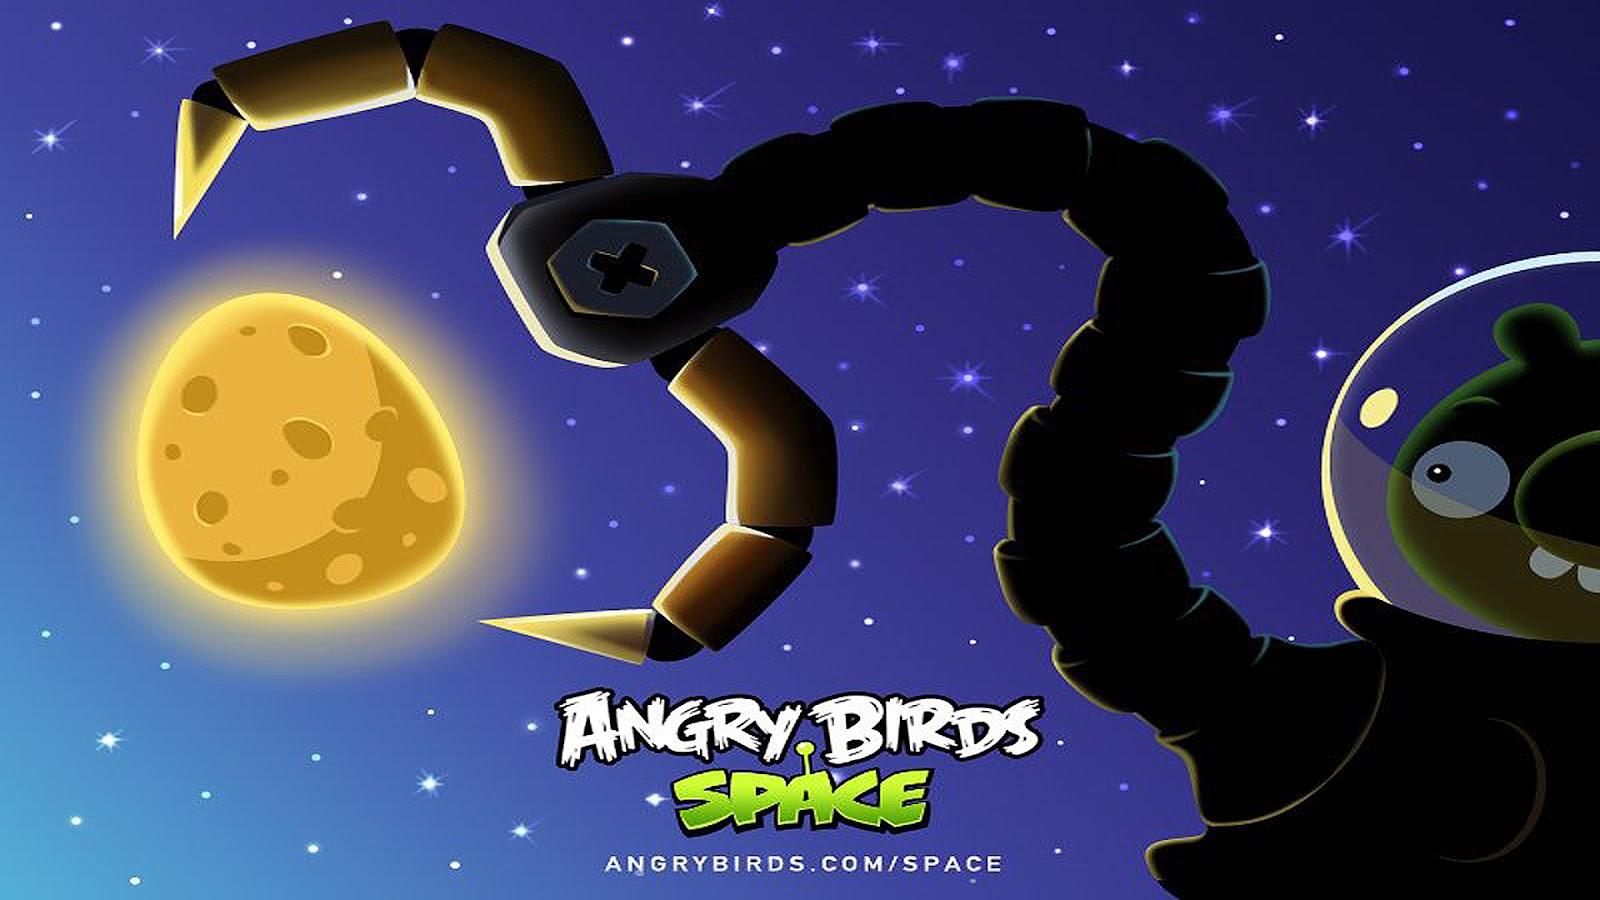 http://3.bp.blogspot.com/-2d6YkfcCdp4/T2xu9NE668I/AAAAAAAABQA/H3FOc718pCA/s1600/Angry+birds+Space%7Bfreehqwallpapers.blogspot.com%7D+%2816%29.jpg